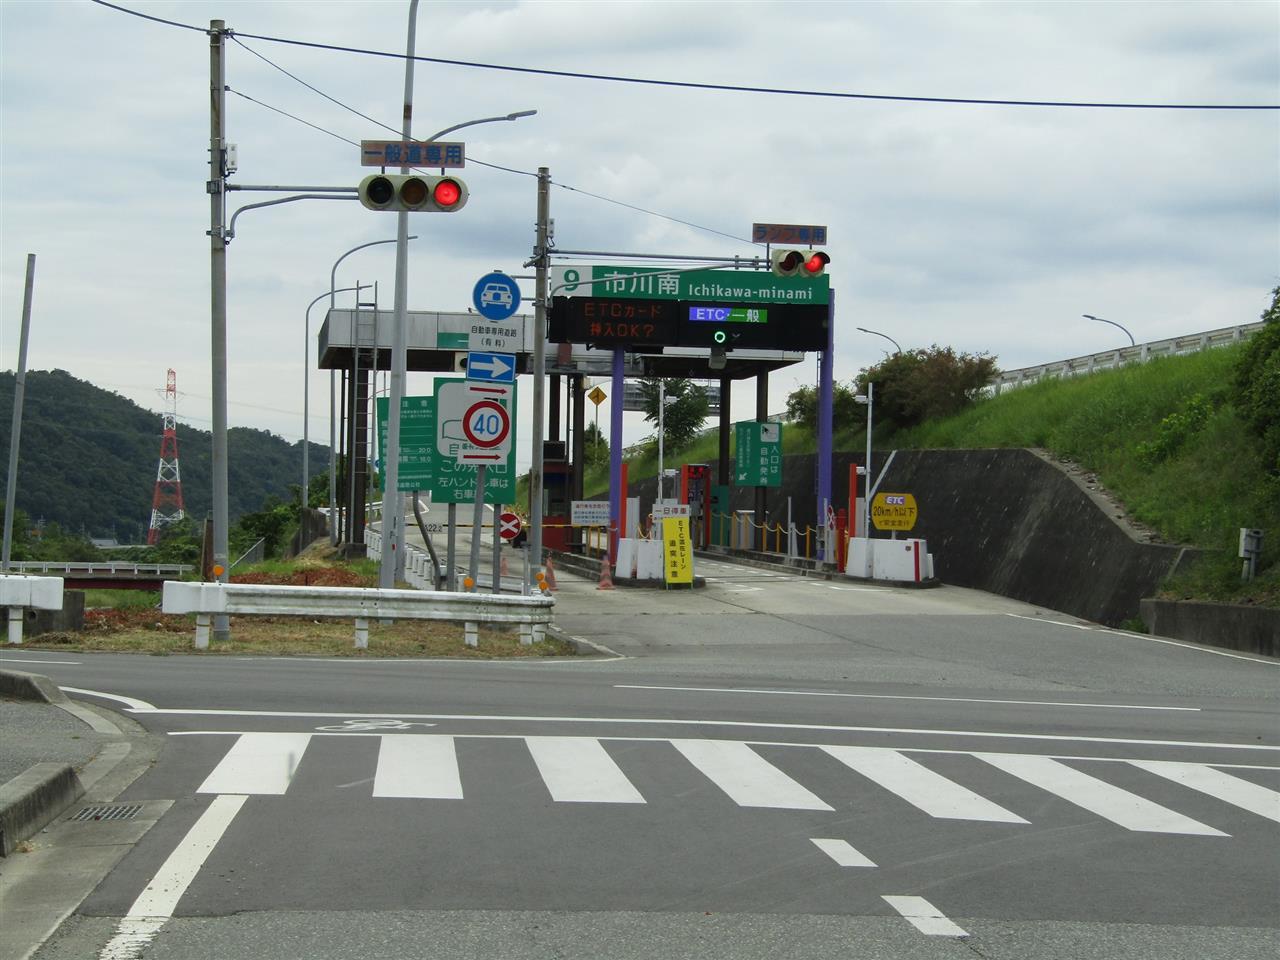 兵庫県PK-101市川町スポーツセン...